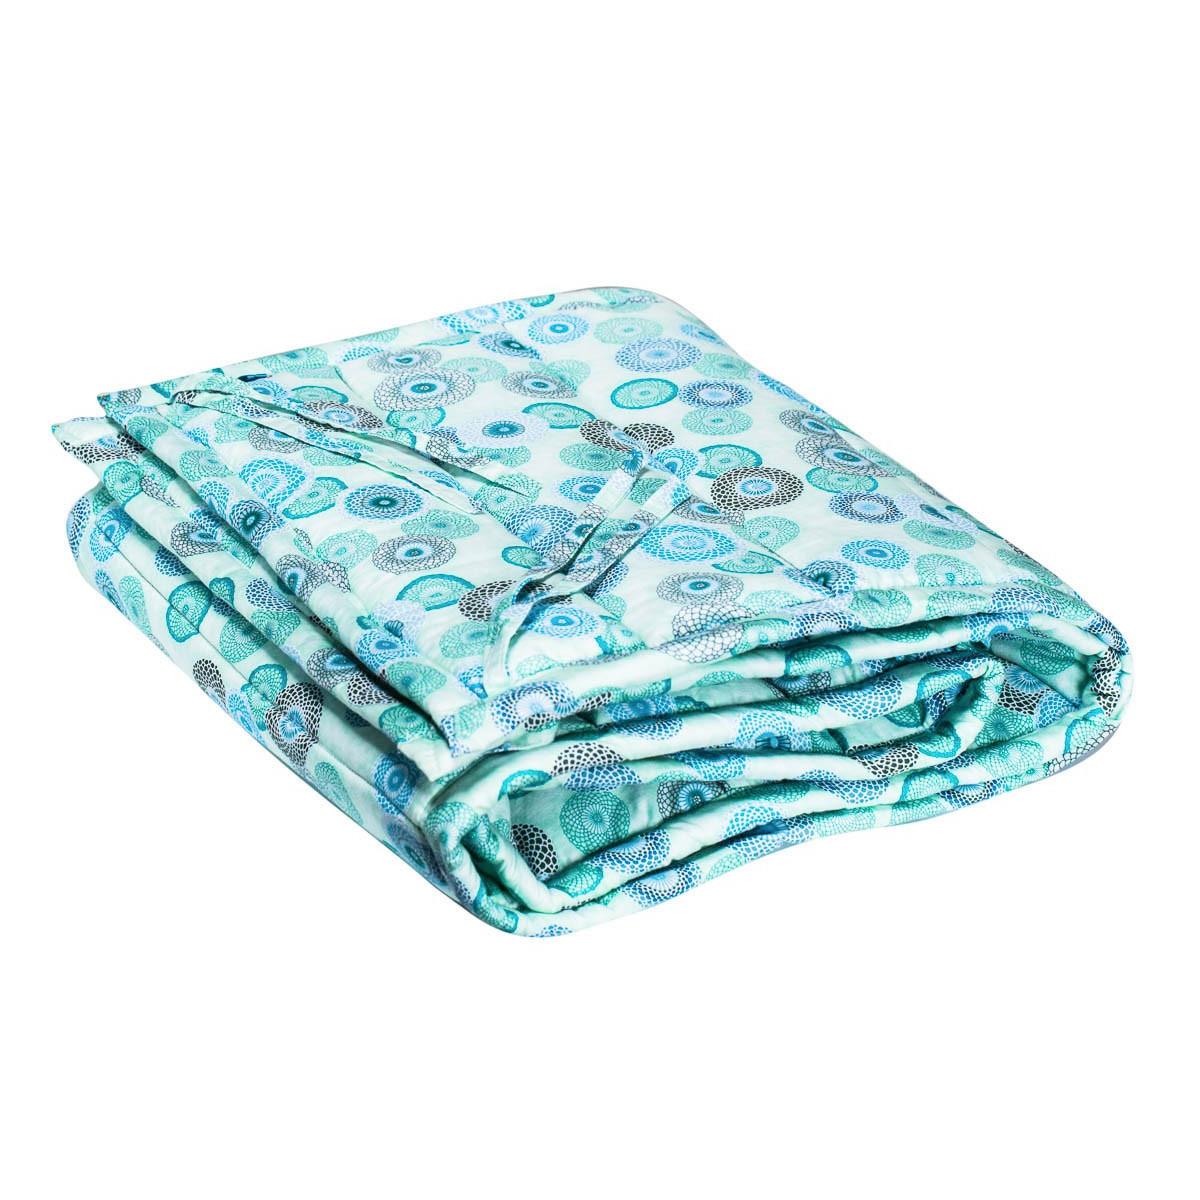 Tour de lit à barreaux bébé tissu créateur